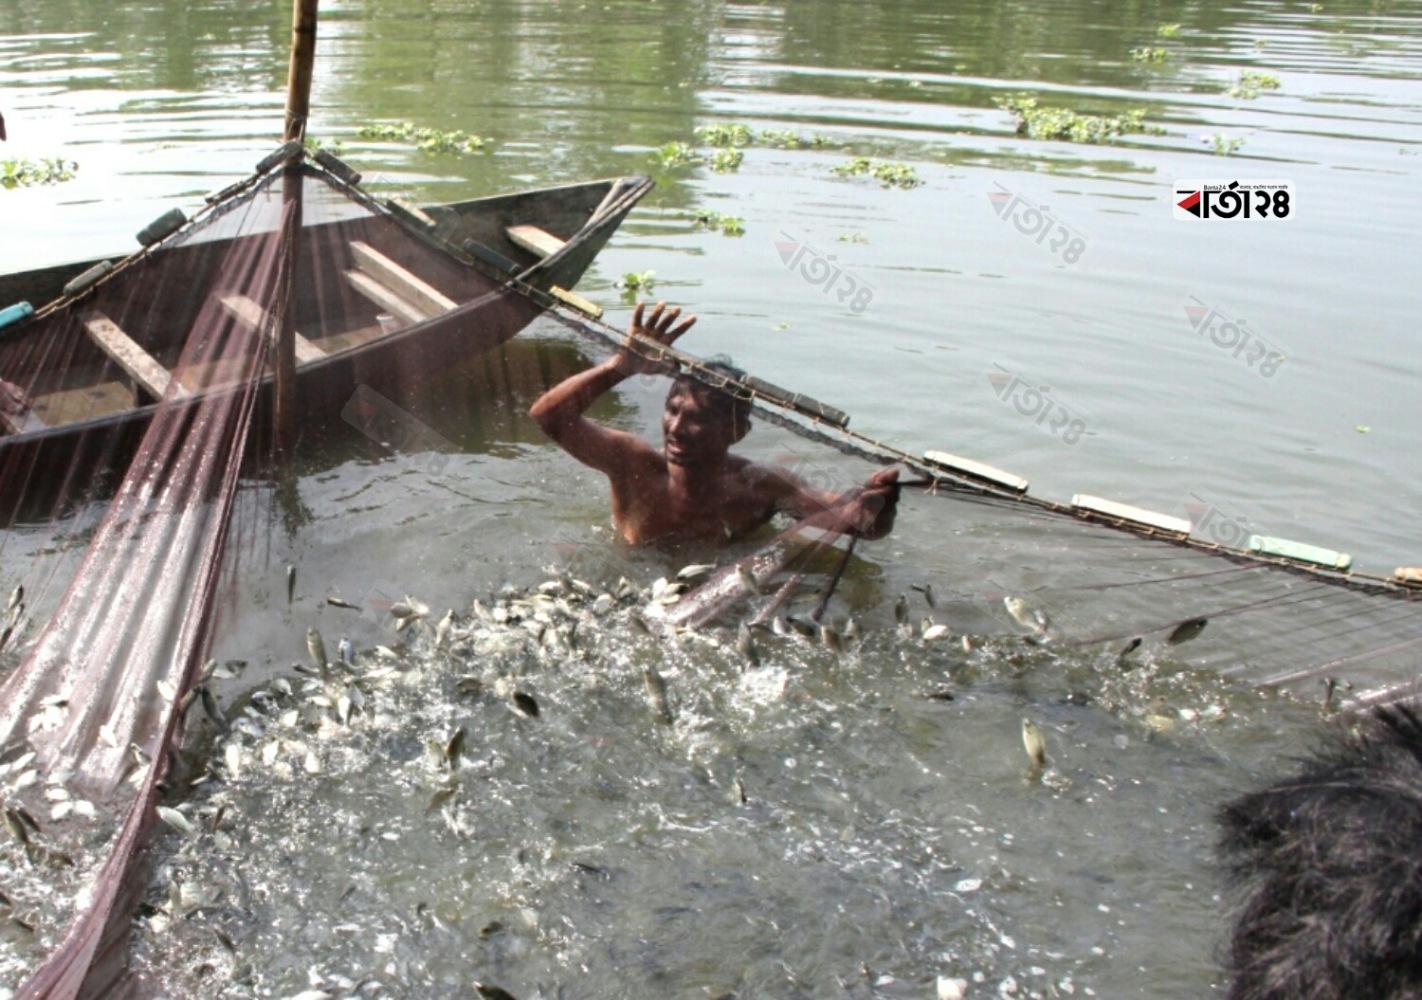 চাষের পুকুর থেকে মাছ ধরতে ব্যস্ত জেলেরা। ছবিটি কেরানীগঞ্জ কদমতলী এলাকা থেকে তুলেছেন মেহেদী হাসান।